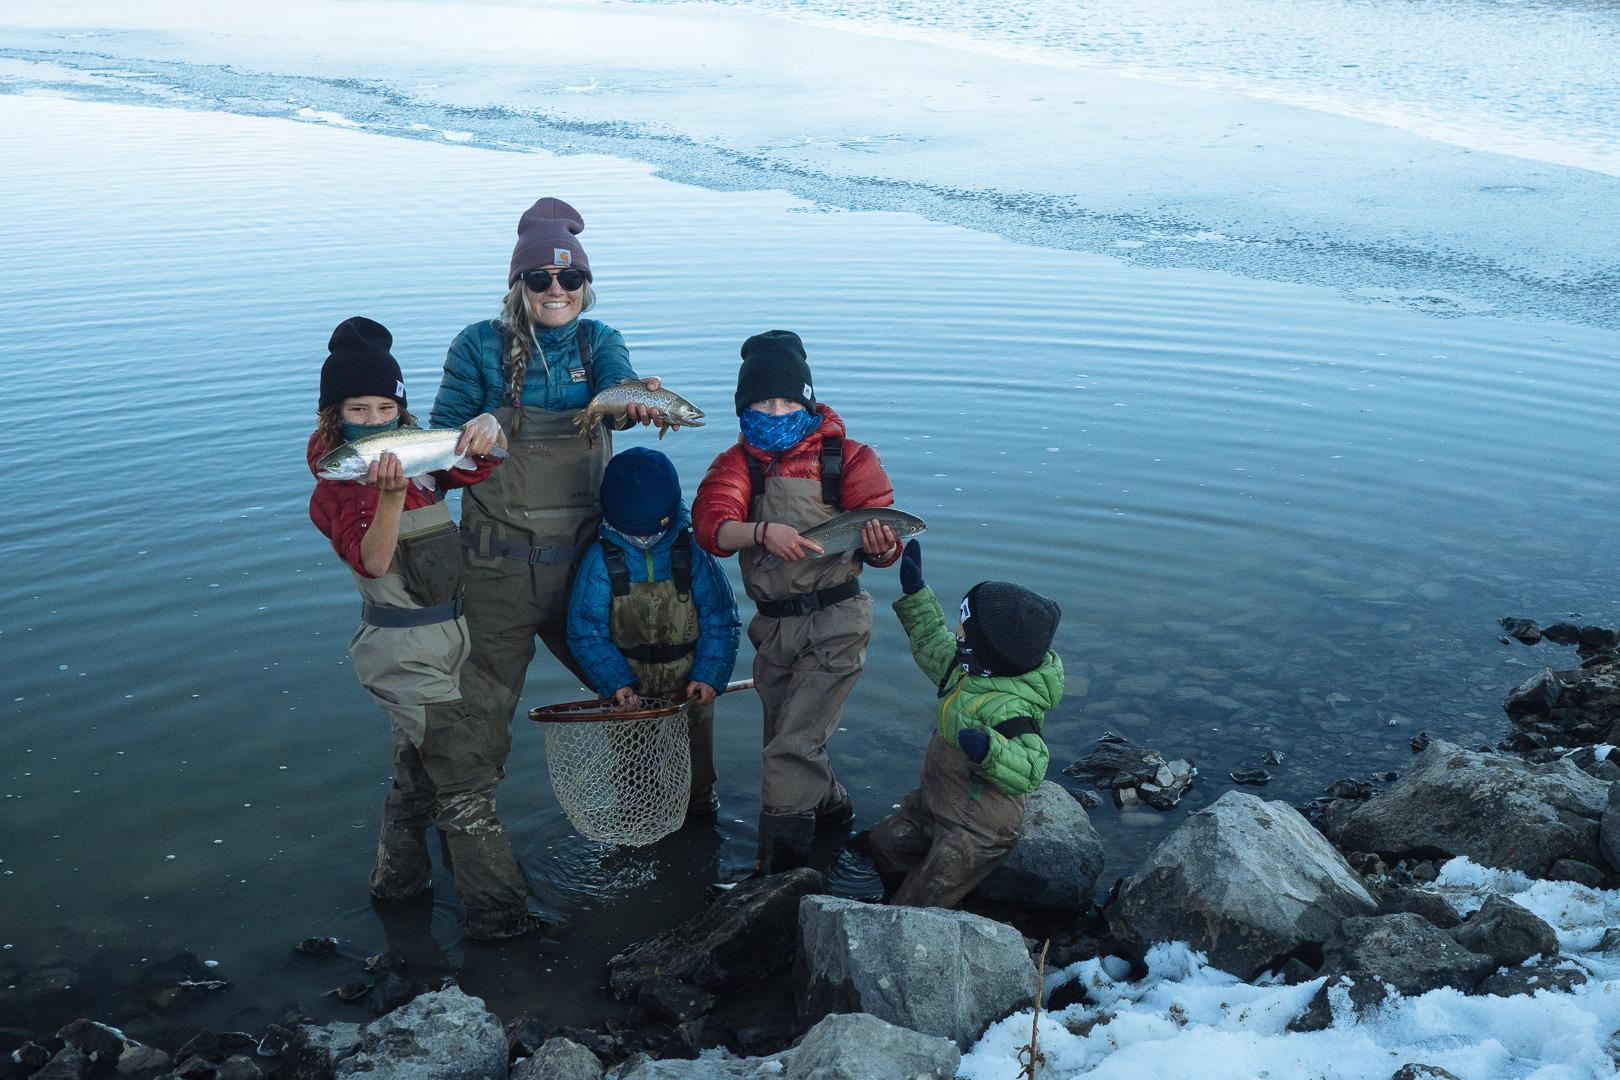 Fishing time for the Leavitt family